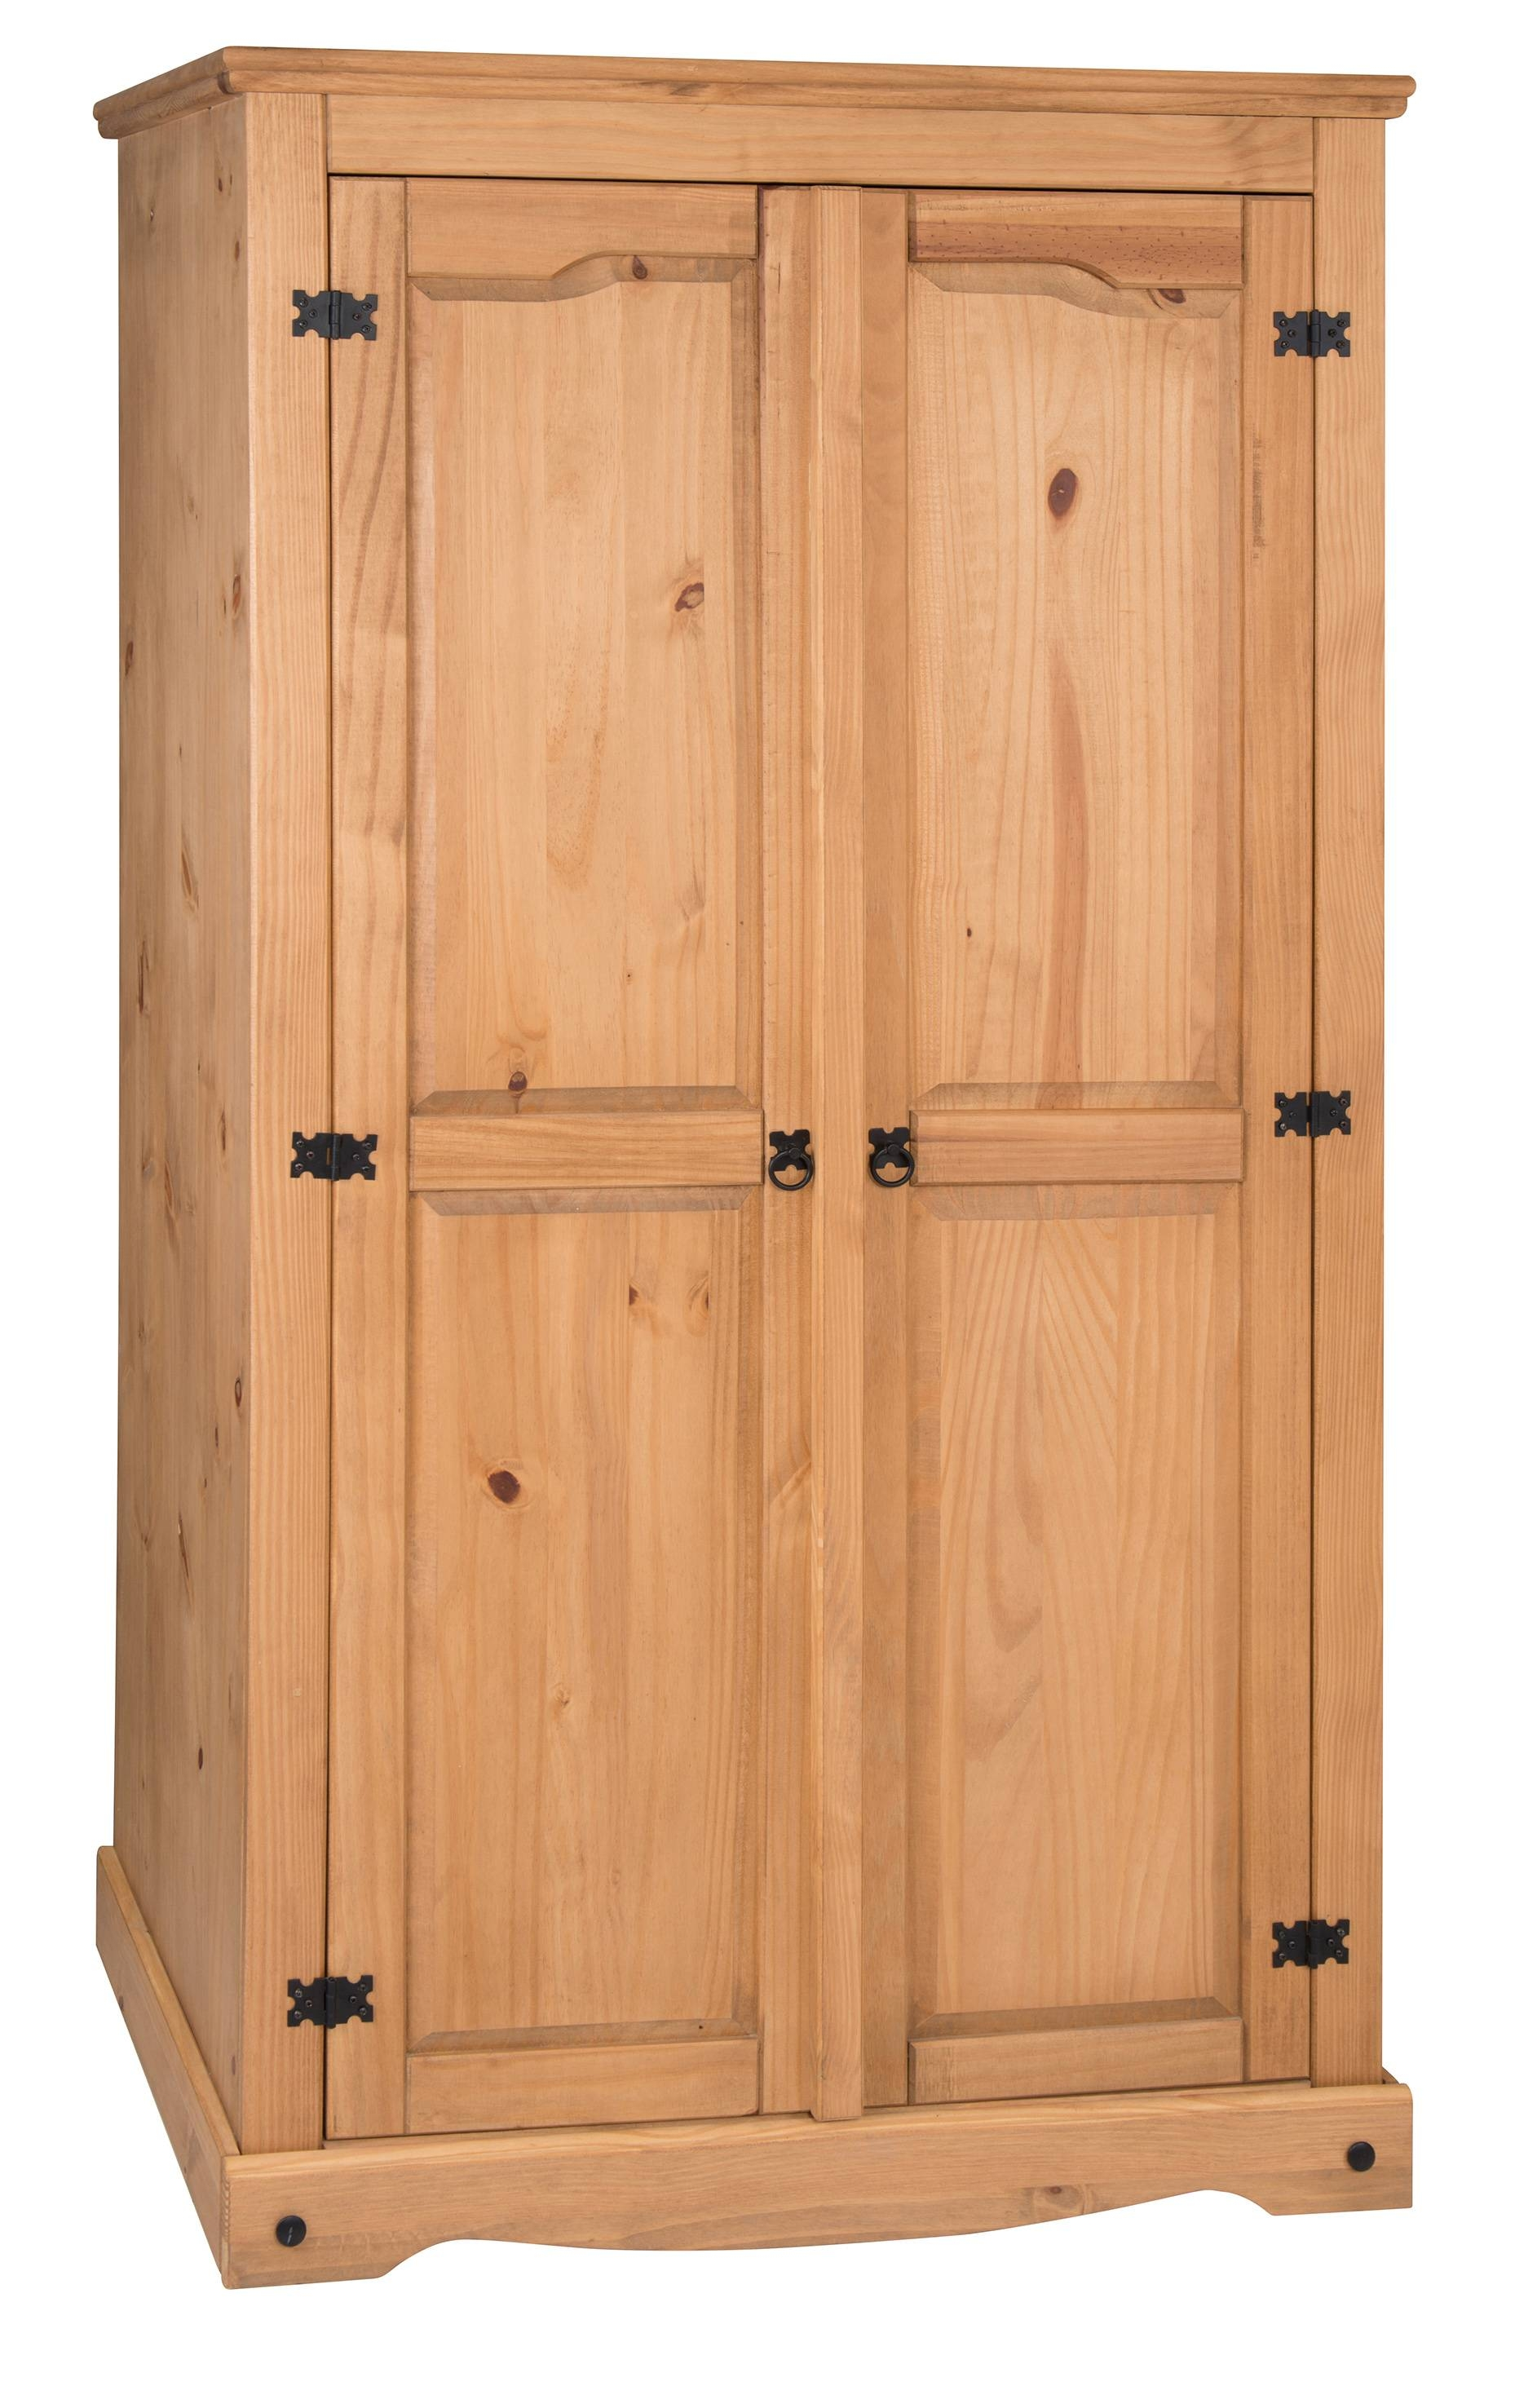 Corona 3 Door Flat Top Wardrobe With Regard To Corona Wardrobes With 3 Doors (View 7 of 15)